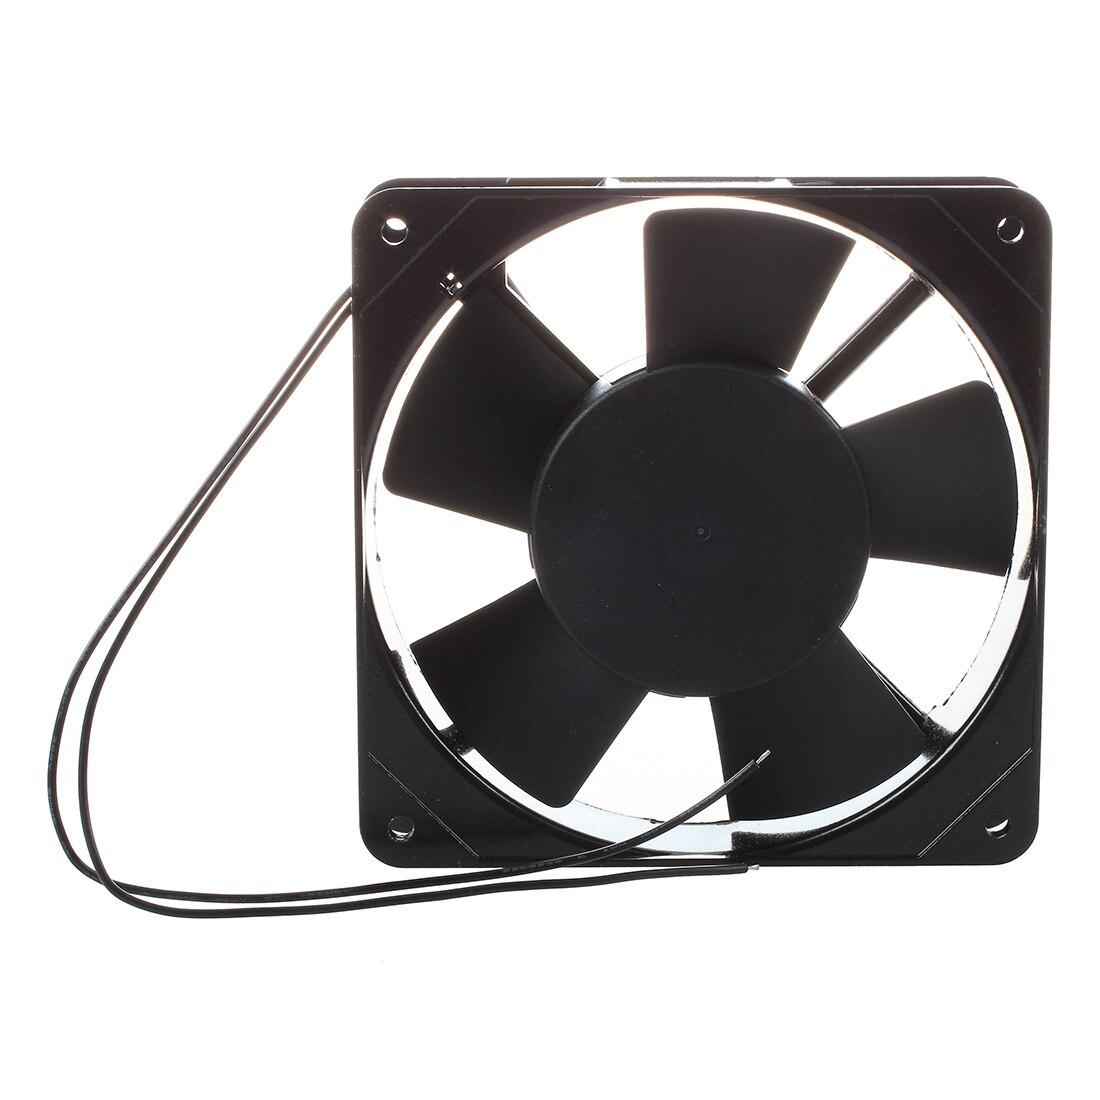 AC 220 V-240 V 120x120x25mm Ventilateur pour PC Noir